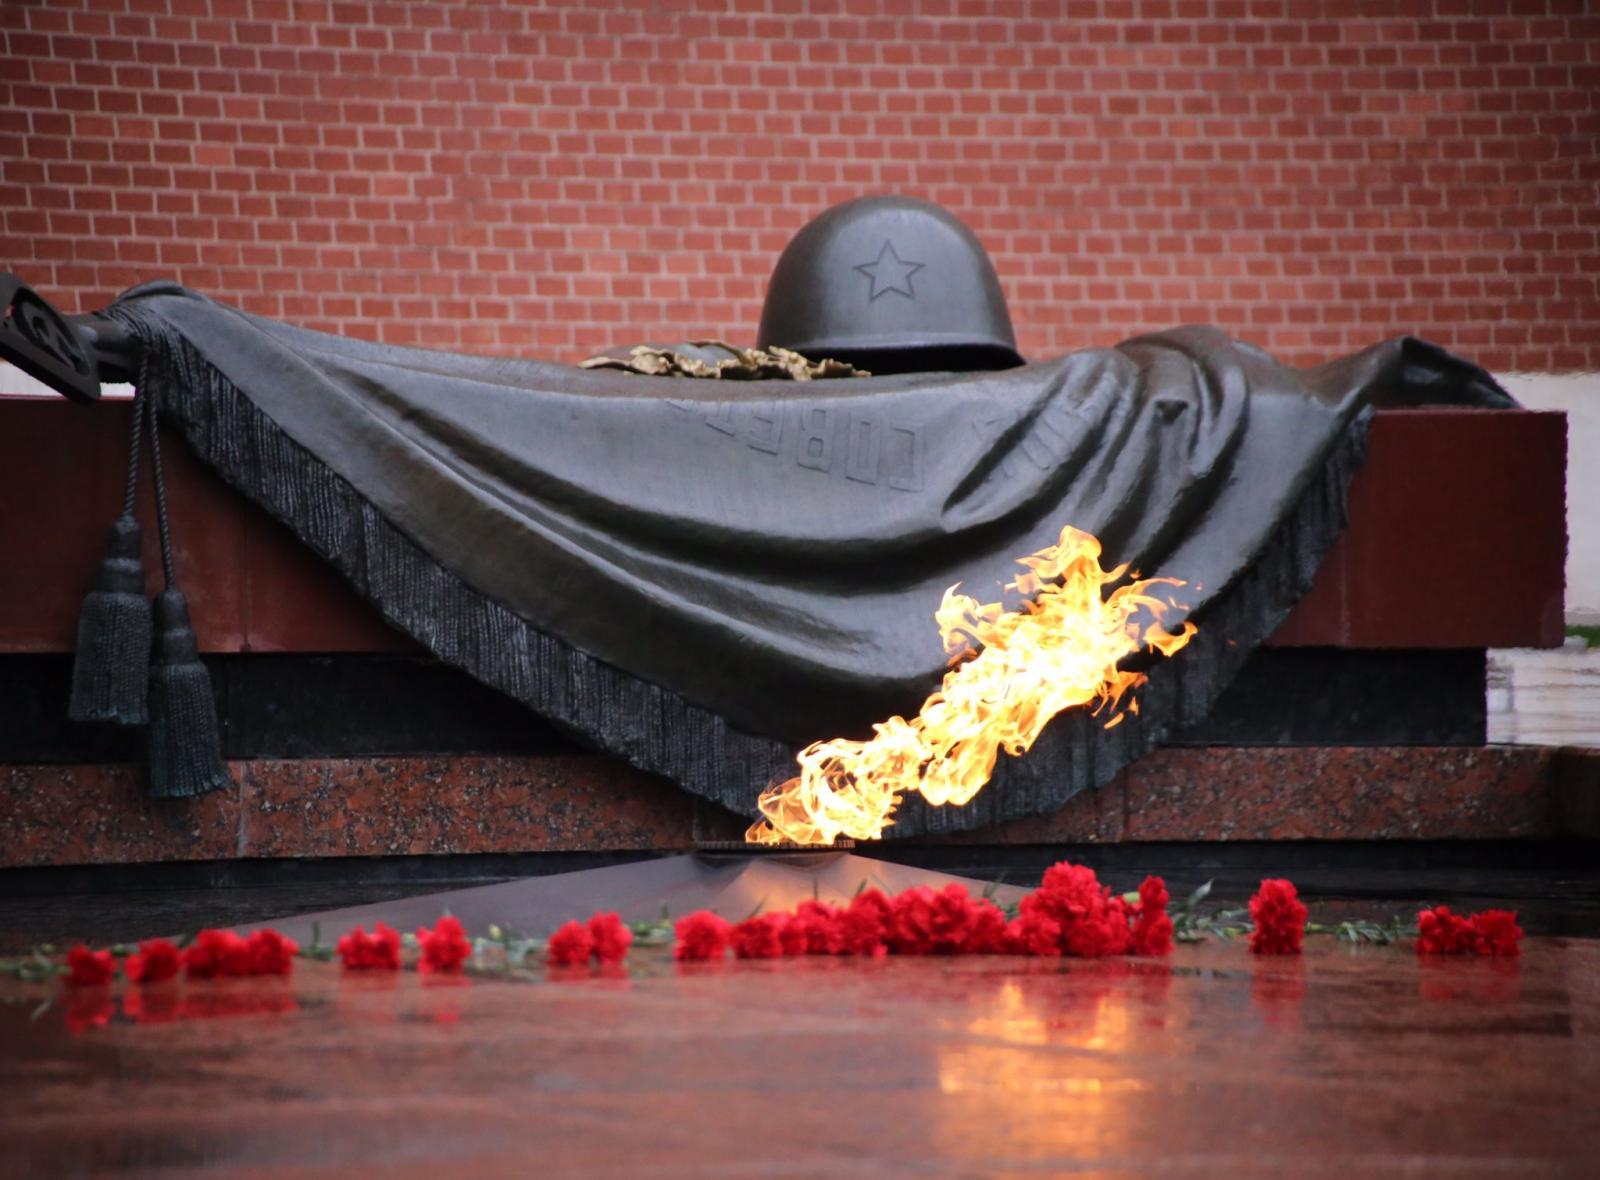 В Тверскую область привезут пламя от Вечного огня с могилы Неизвестного солдата